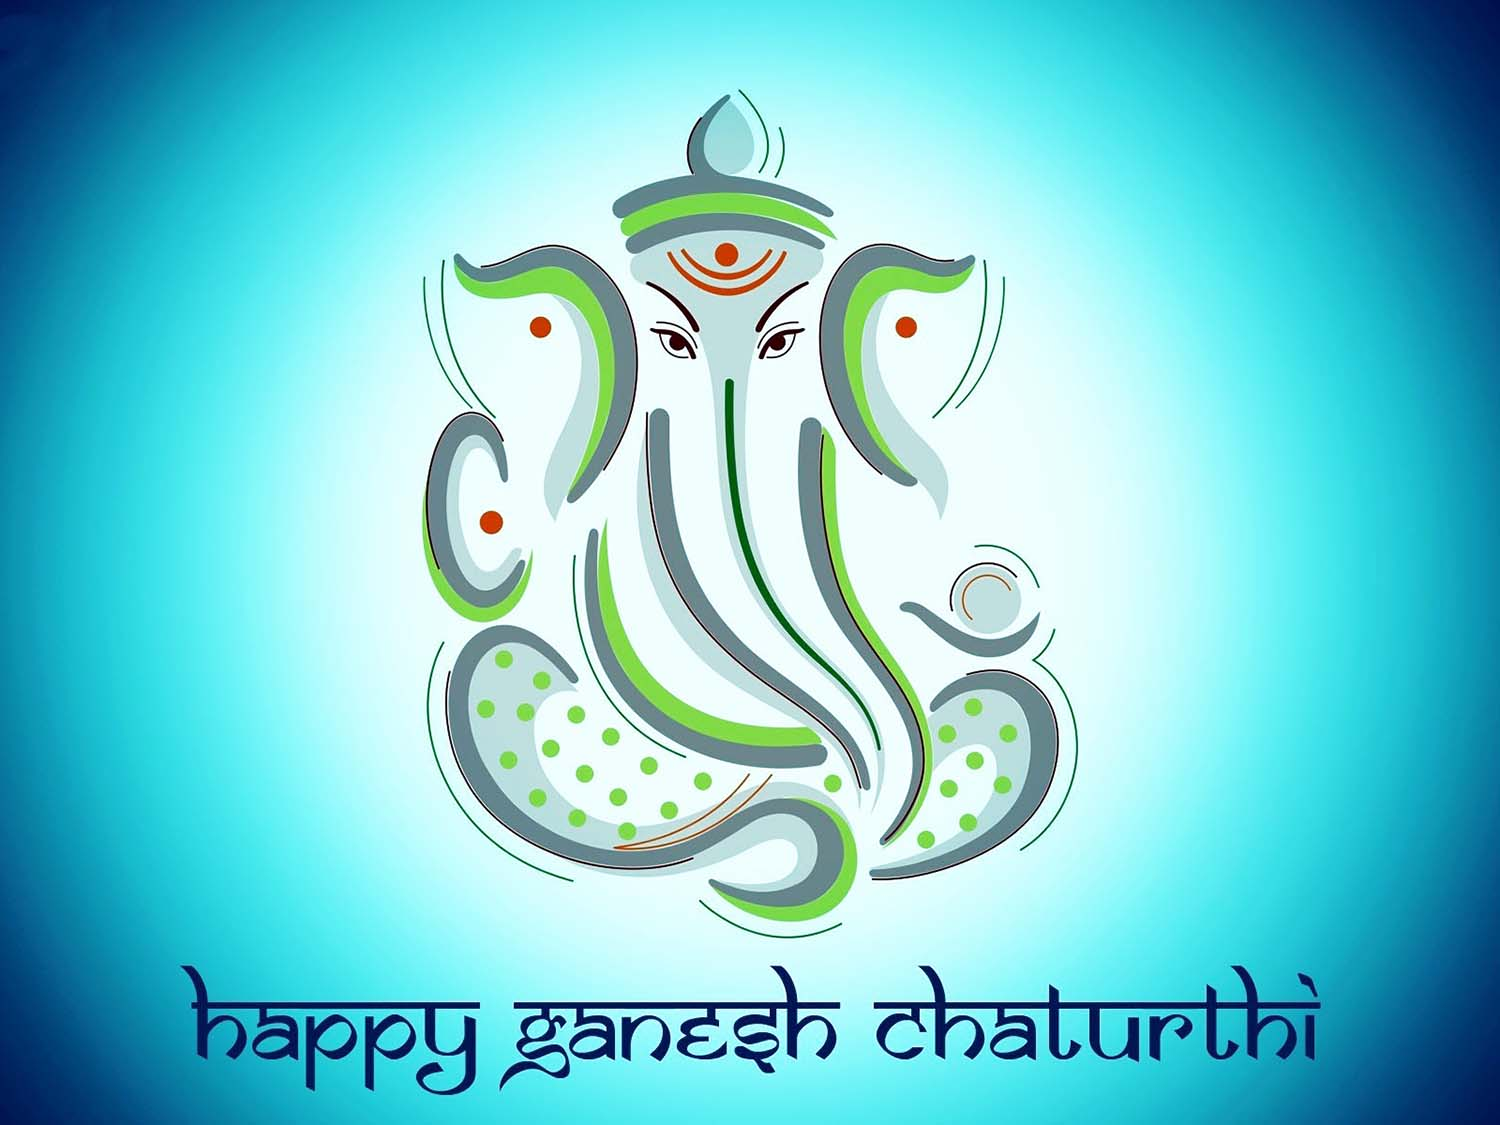 Lord Vinayak Image in glowing blue!